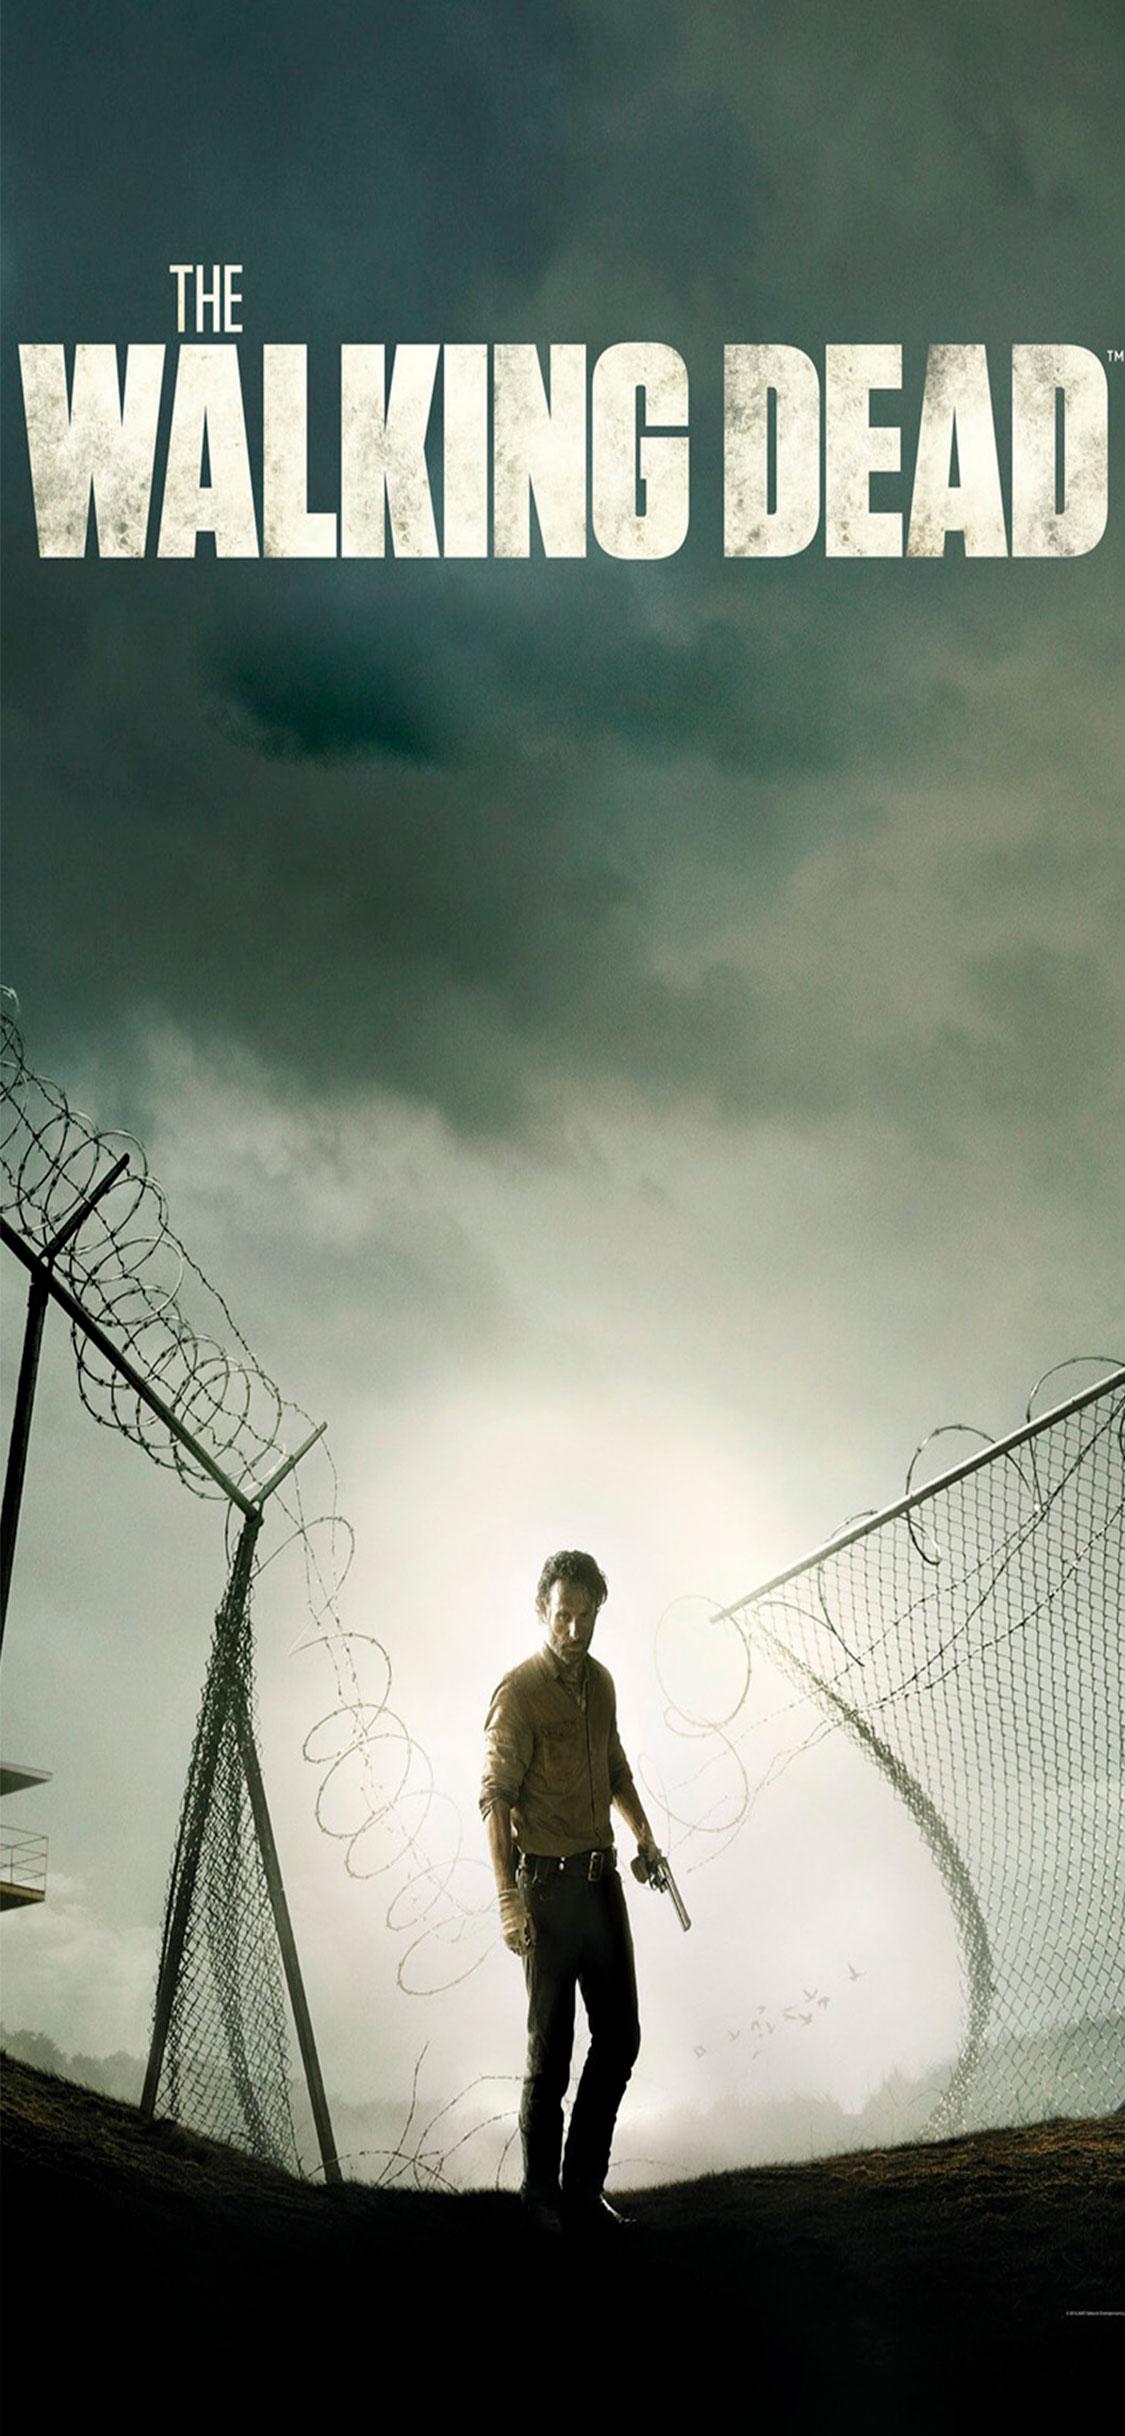 iPhone wallpaper walking dead3 The Walking Dead